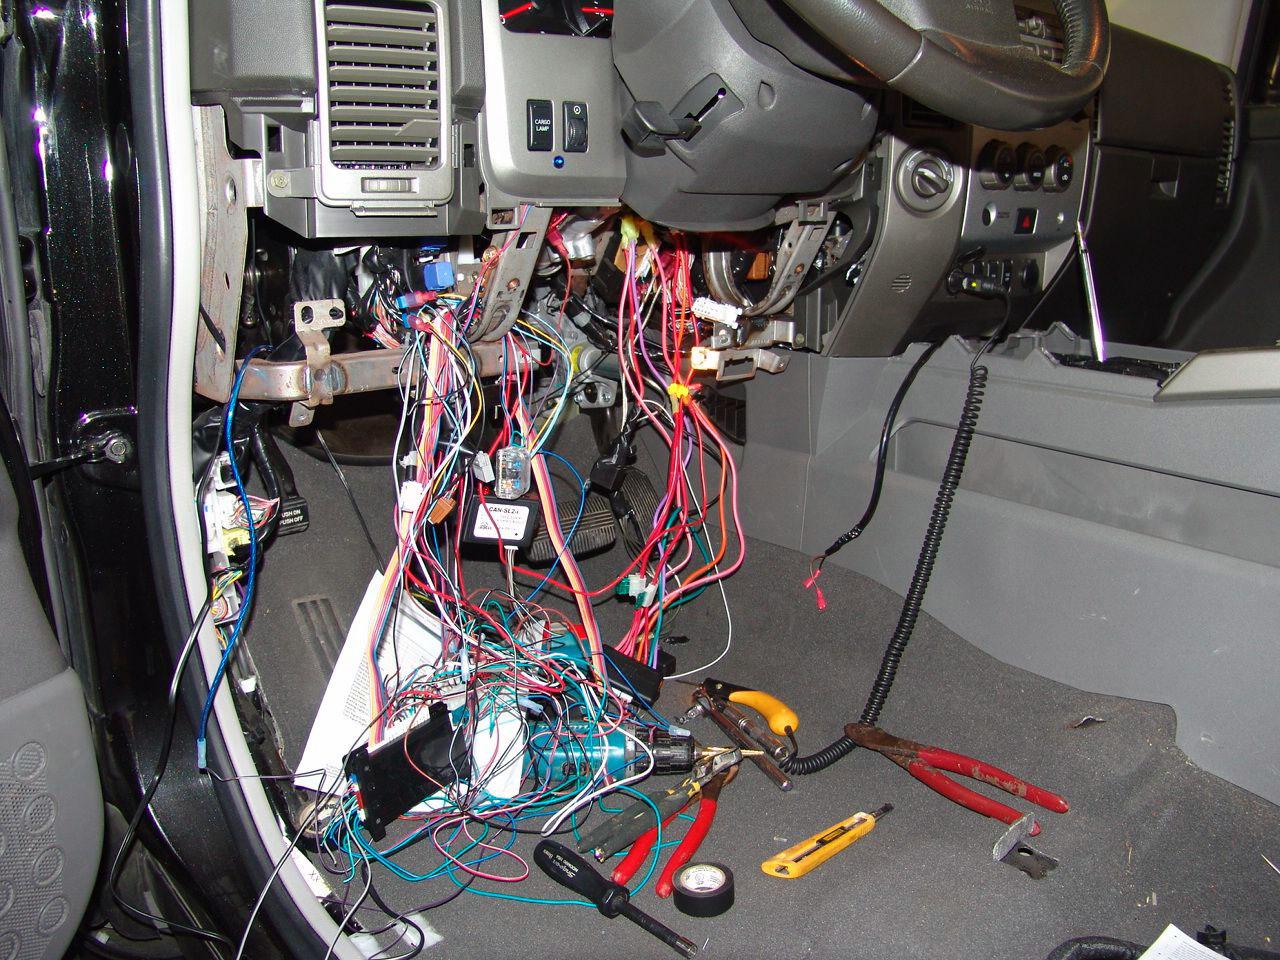 Viper Wiring Diagram 3100 - Complete Wiring Schemas